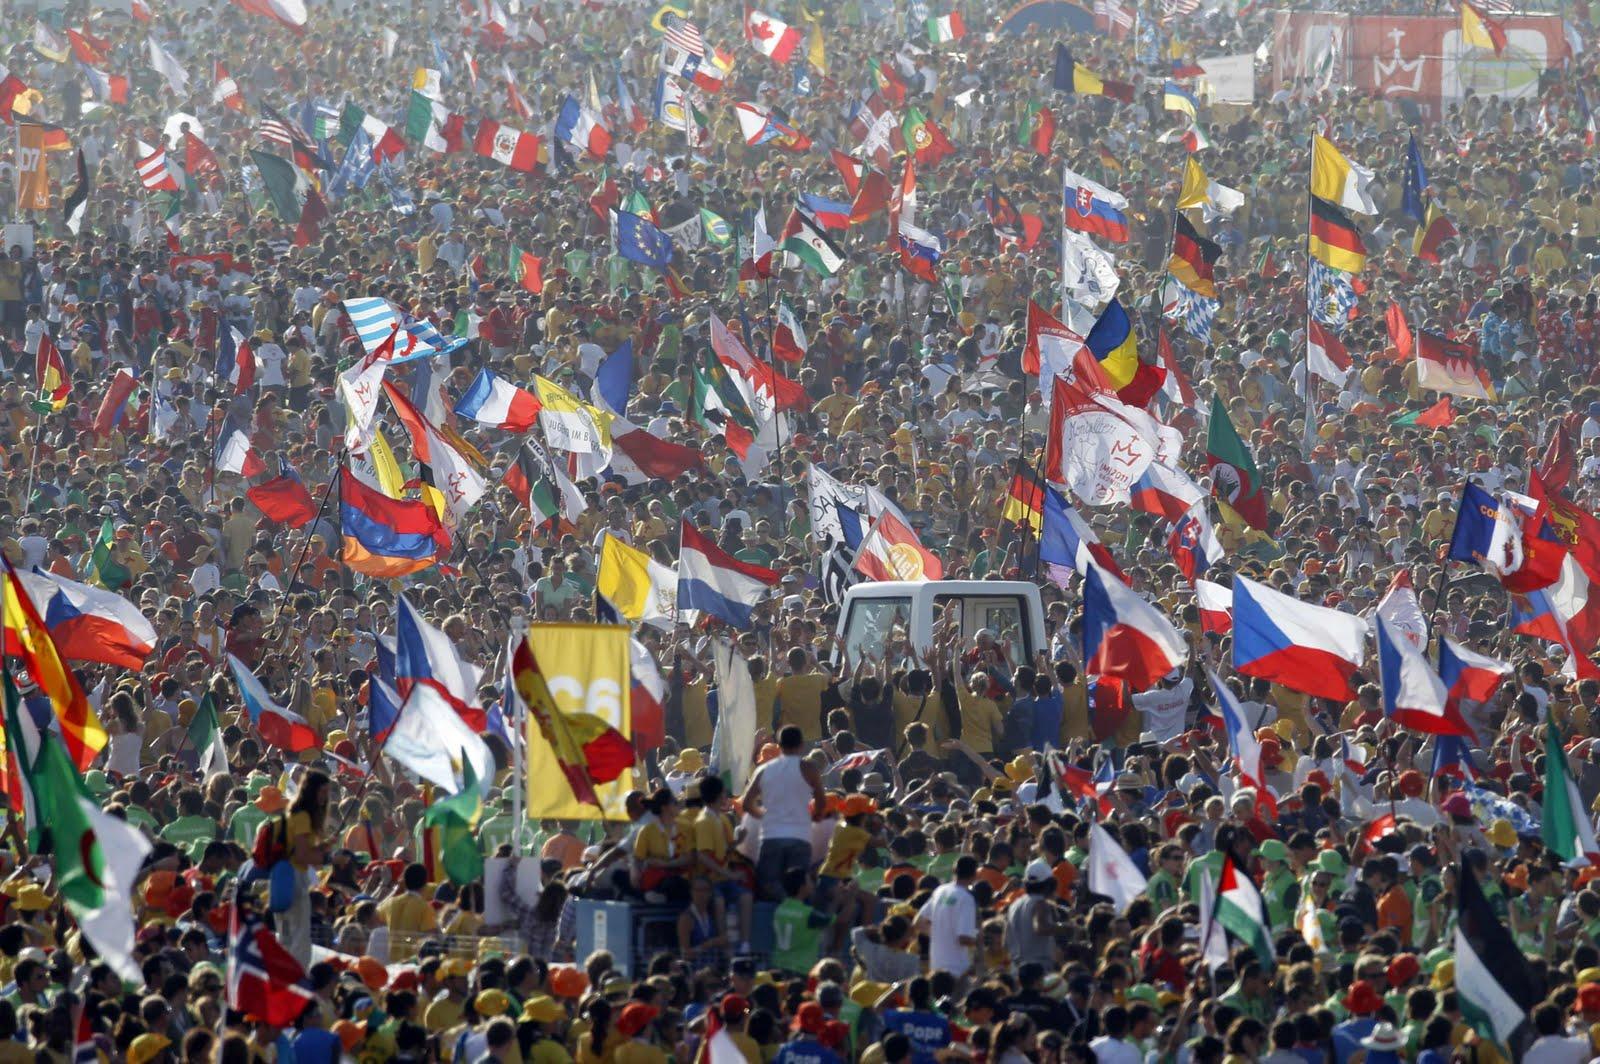 Há 1,2 bilhão de católicos no mundo